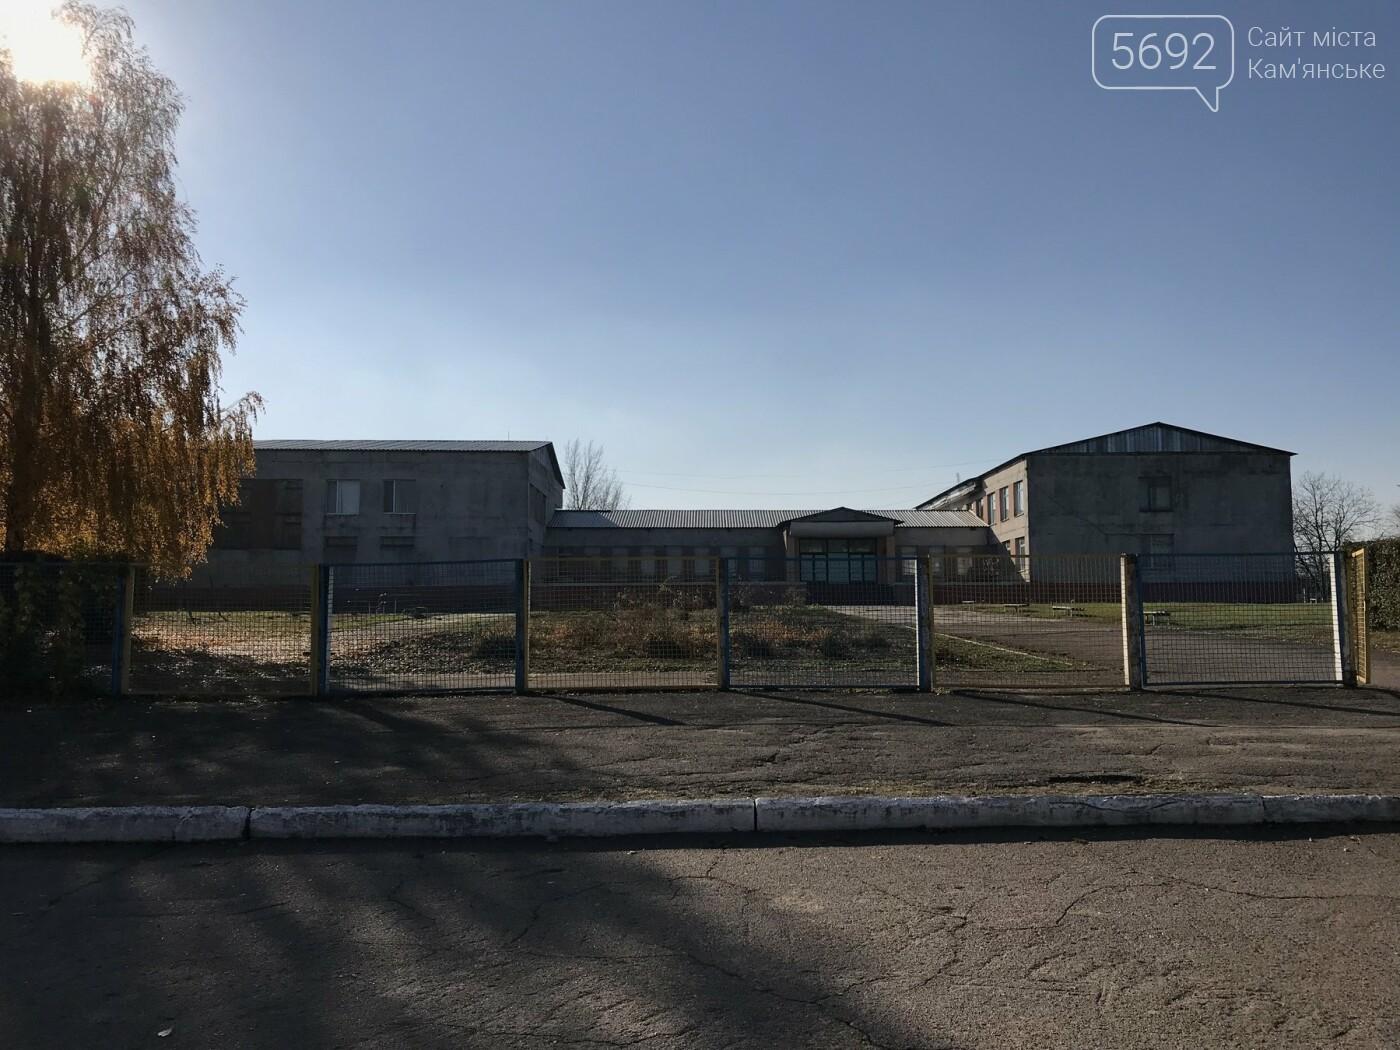 Что получит Каменское в случае присоединения: репортаж из Степового, фото-23